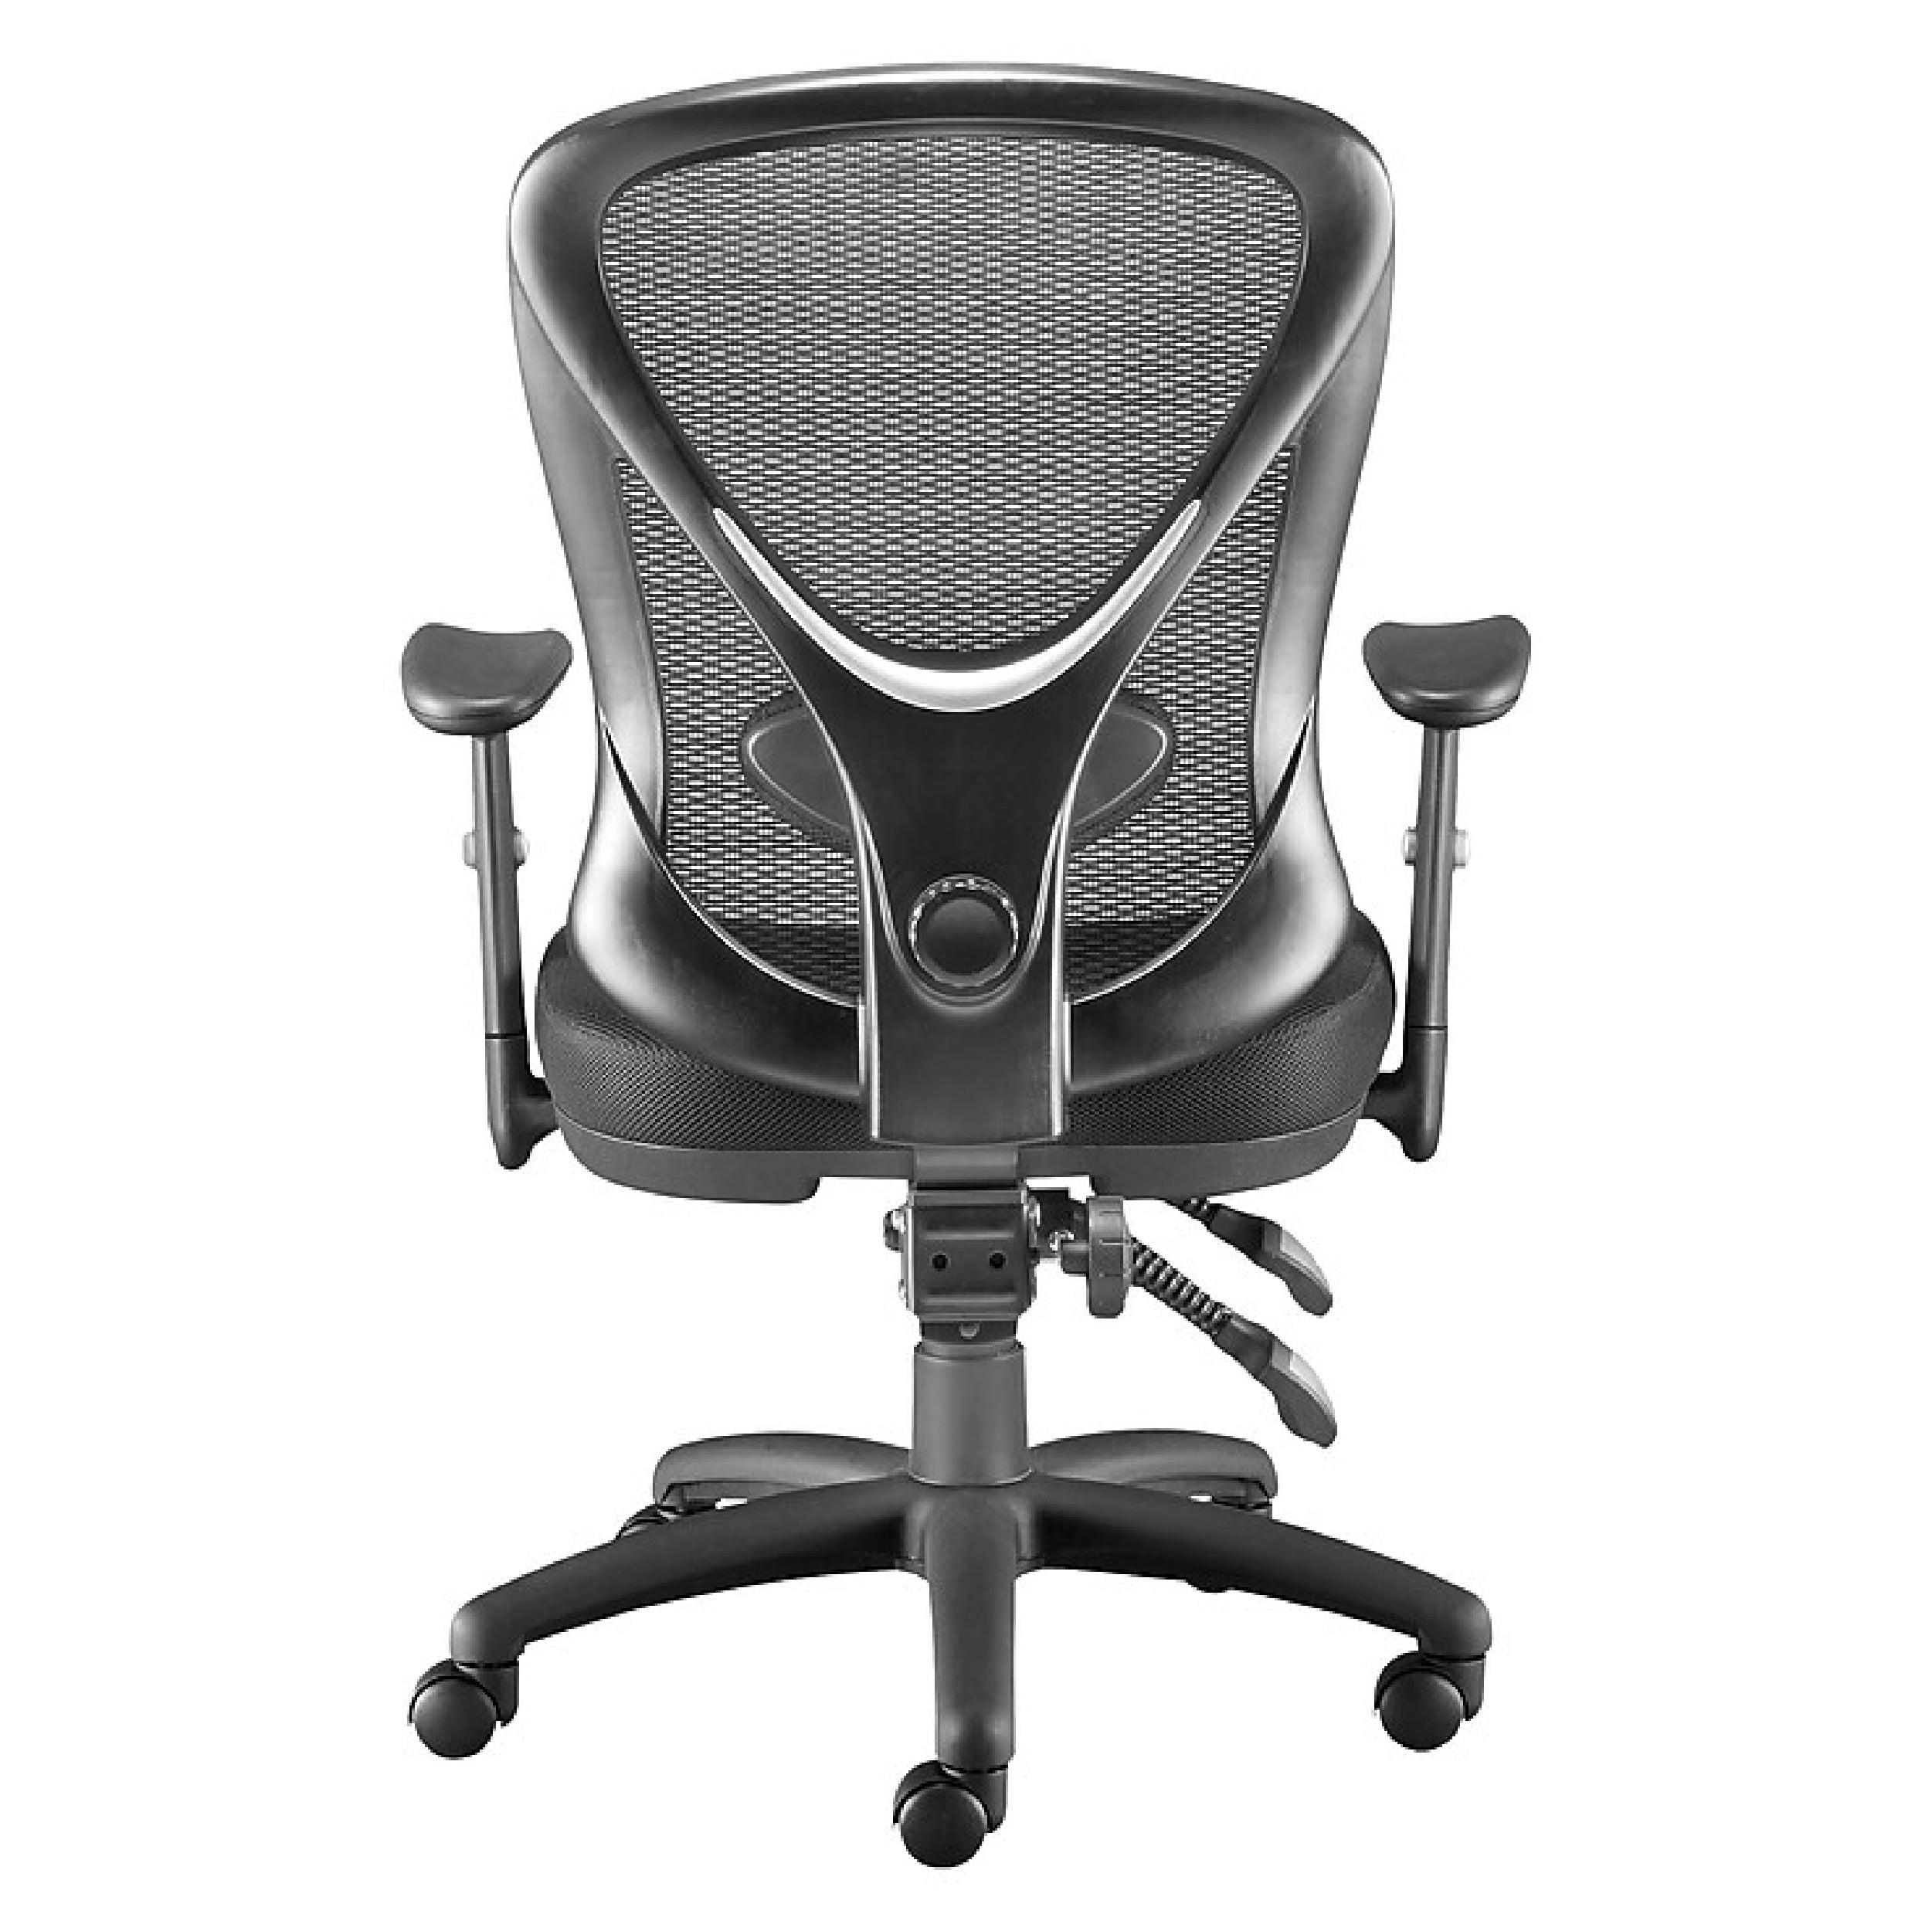 Staples High-Back Mesh Desk Chair